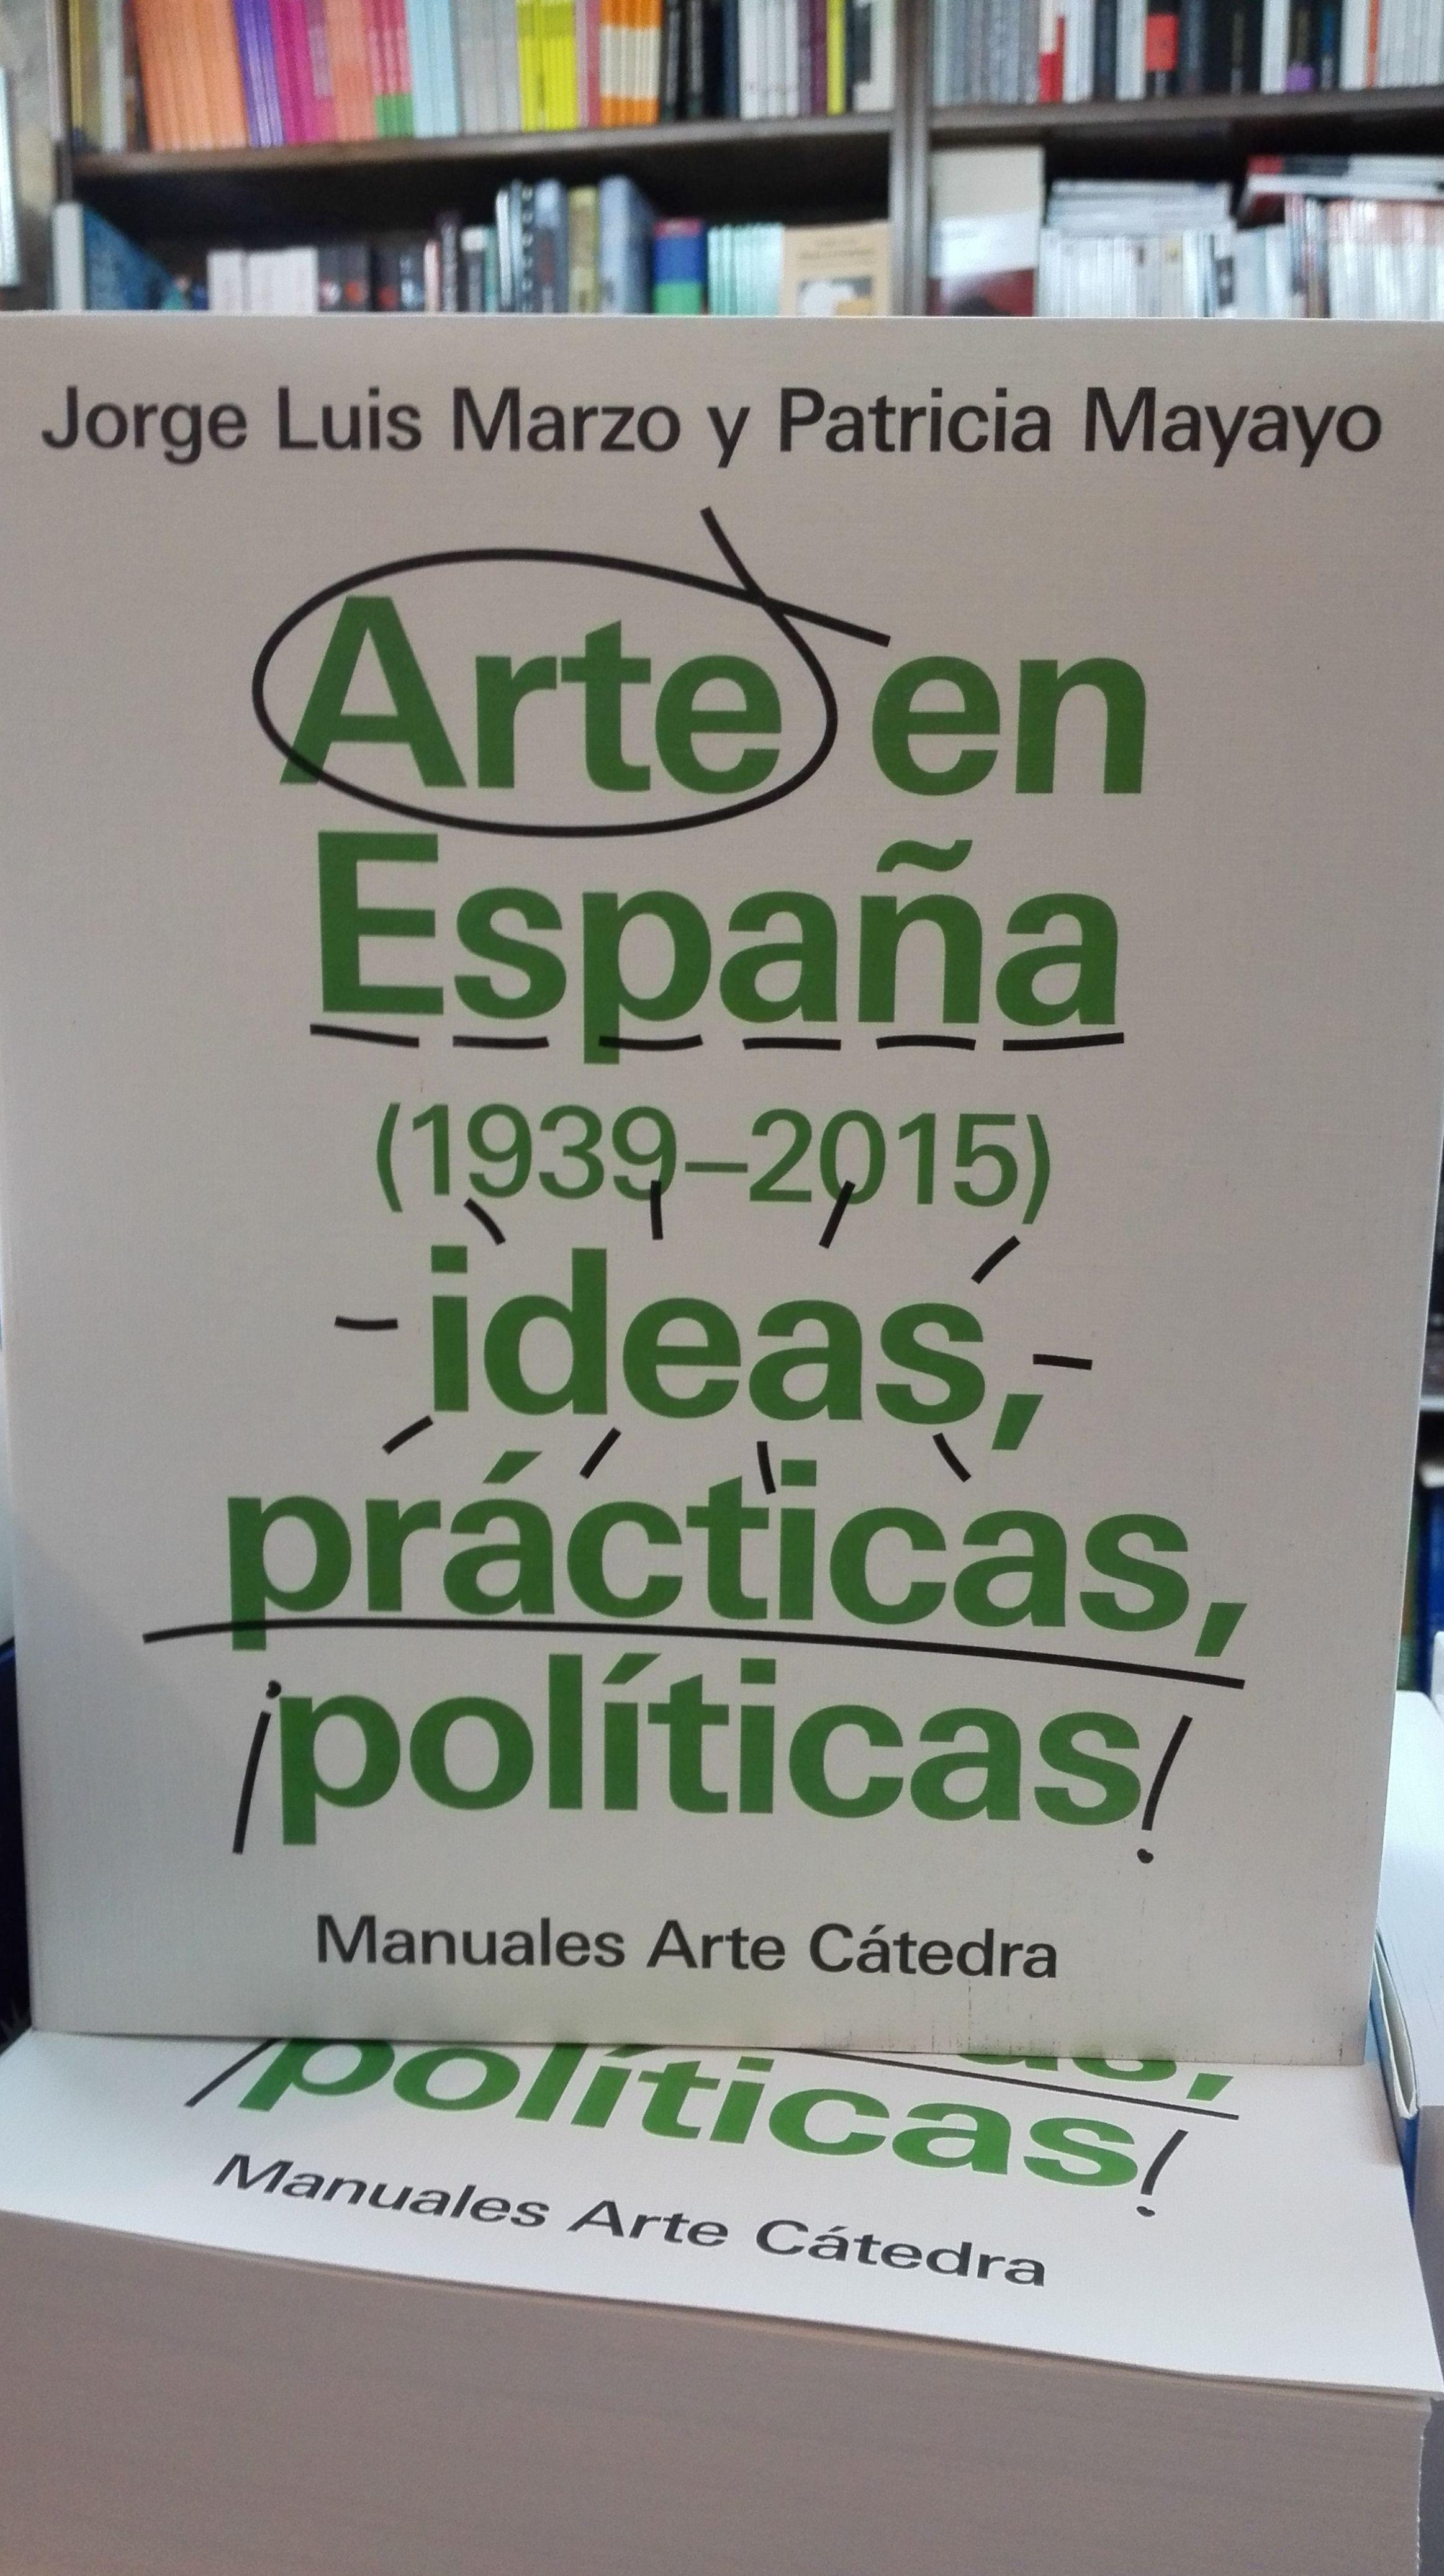 Arte en España 1939-2015 ideas practicas, politicas